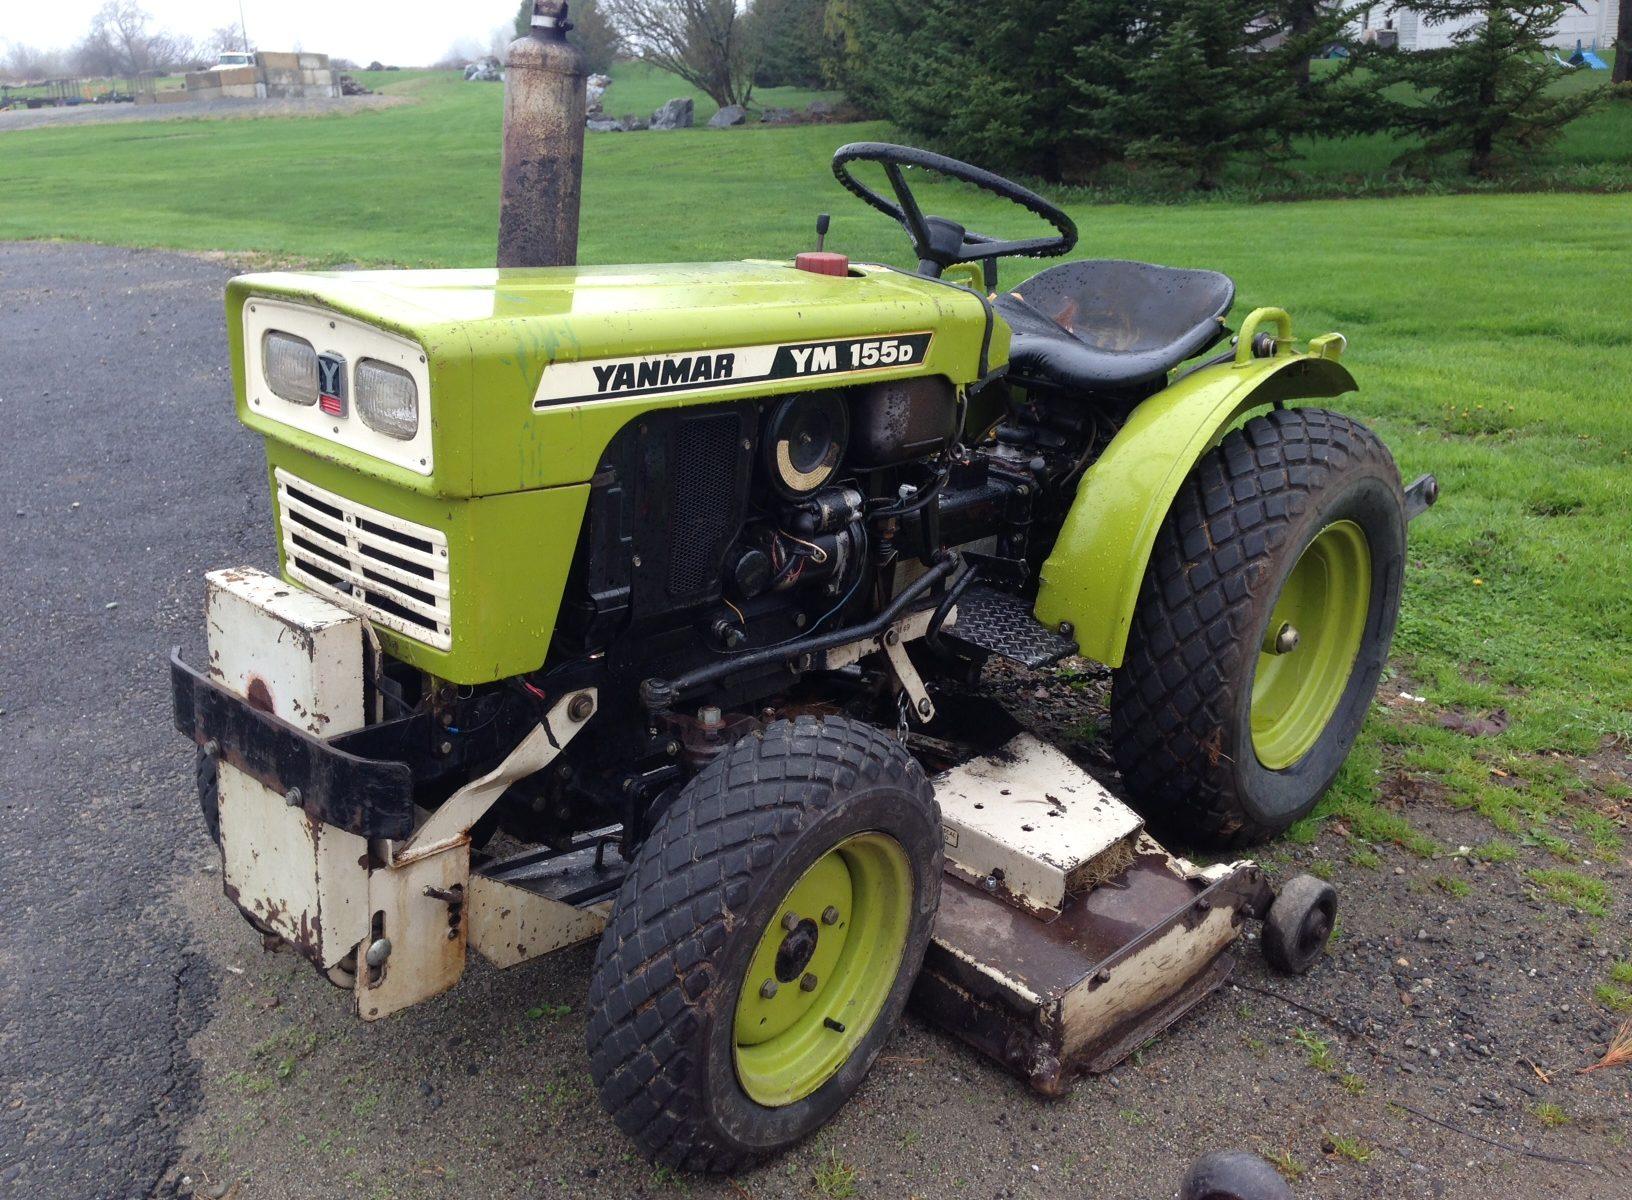 YM155です。 YM155はYM135と兄弟、セットなので同じく1976年発売なのだと思います。